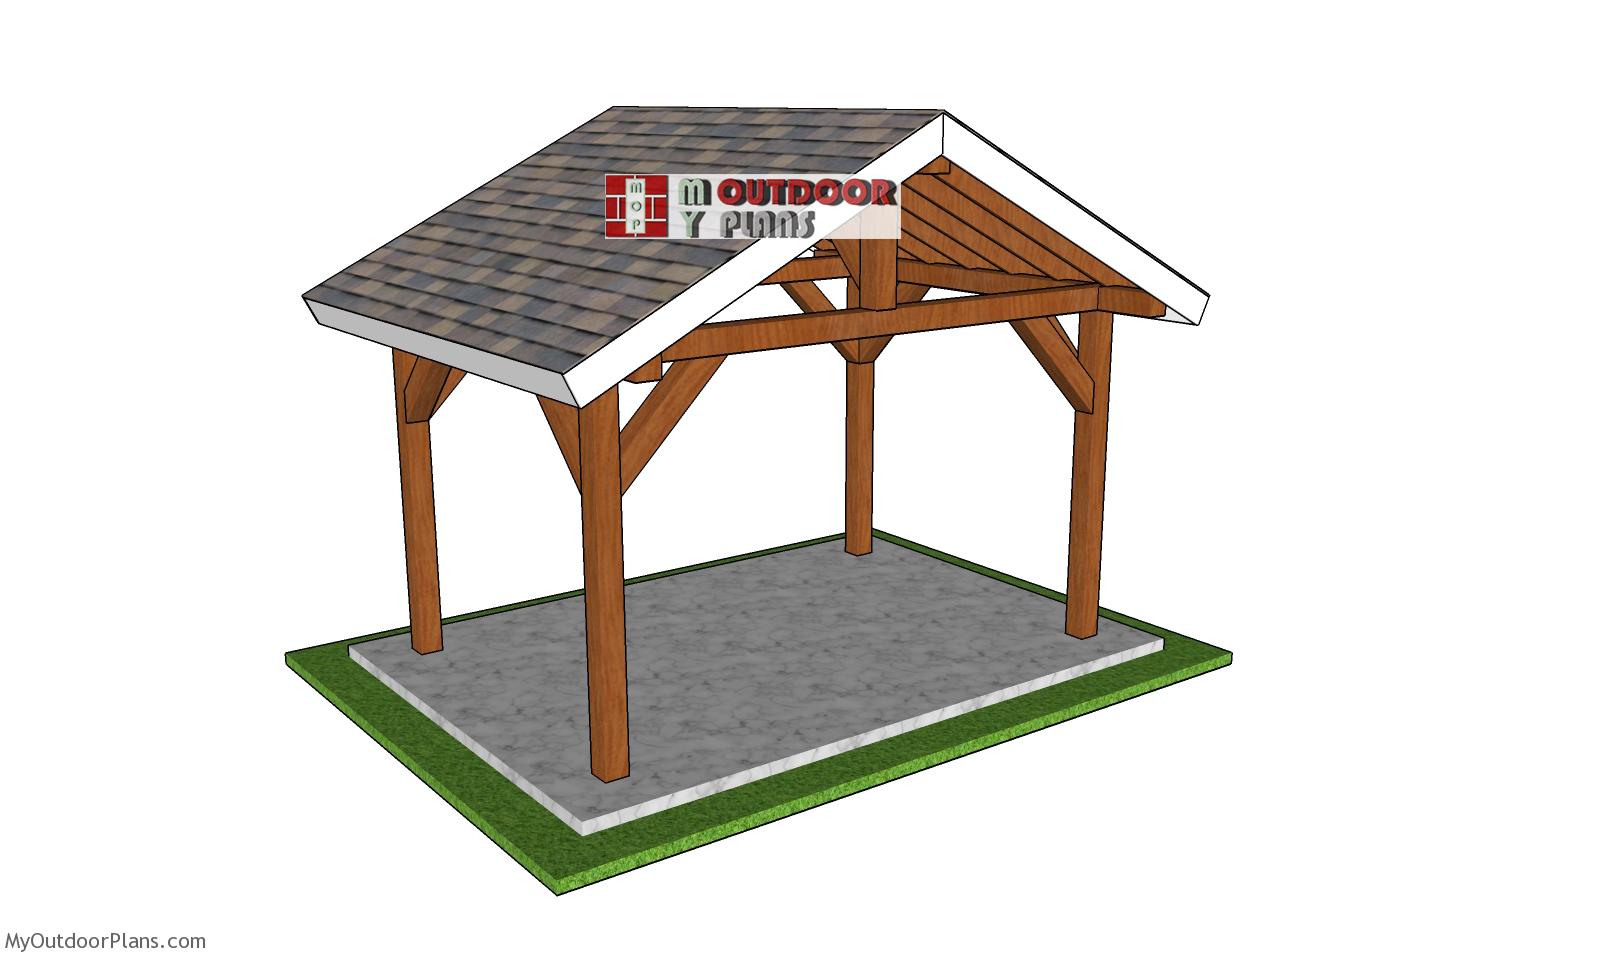 12x8 Outdoor Gable Pavilion - Free DIY Plans